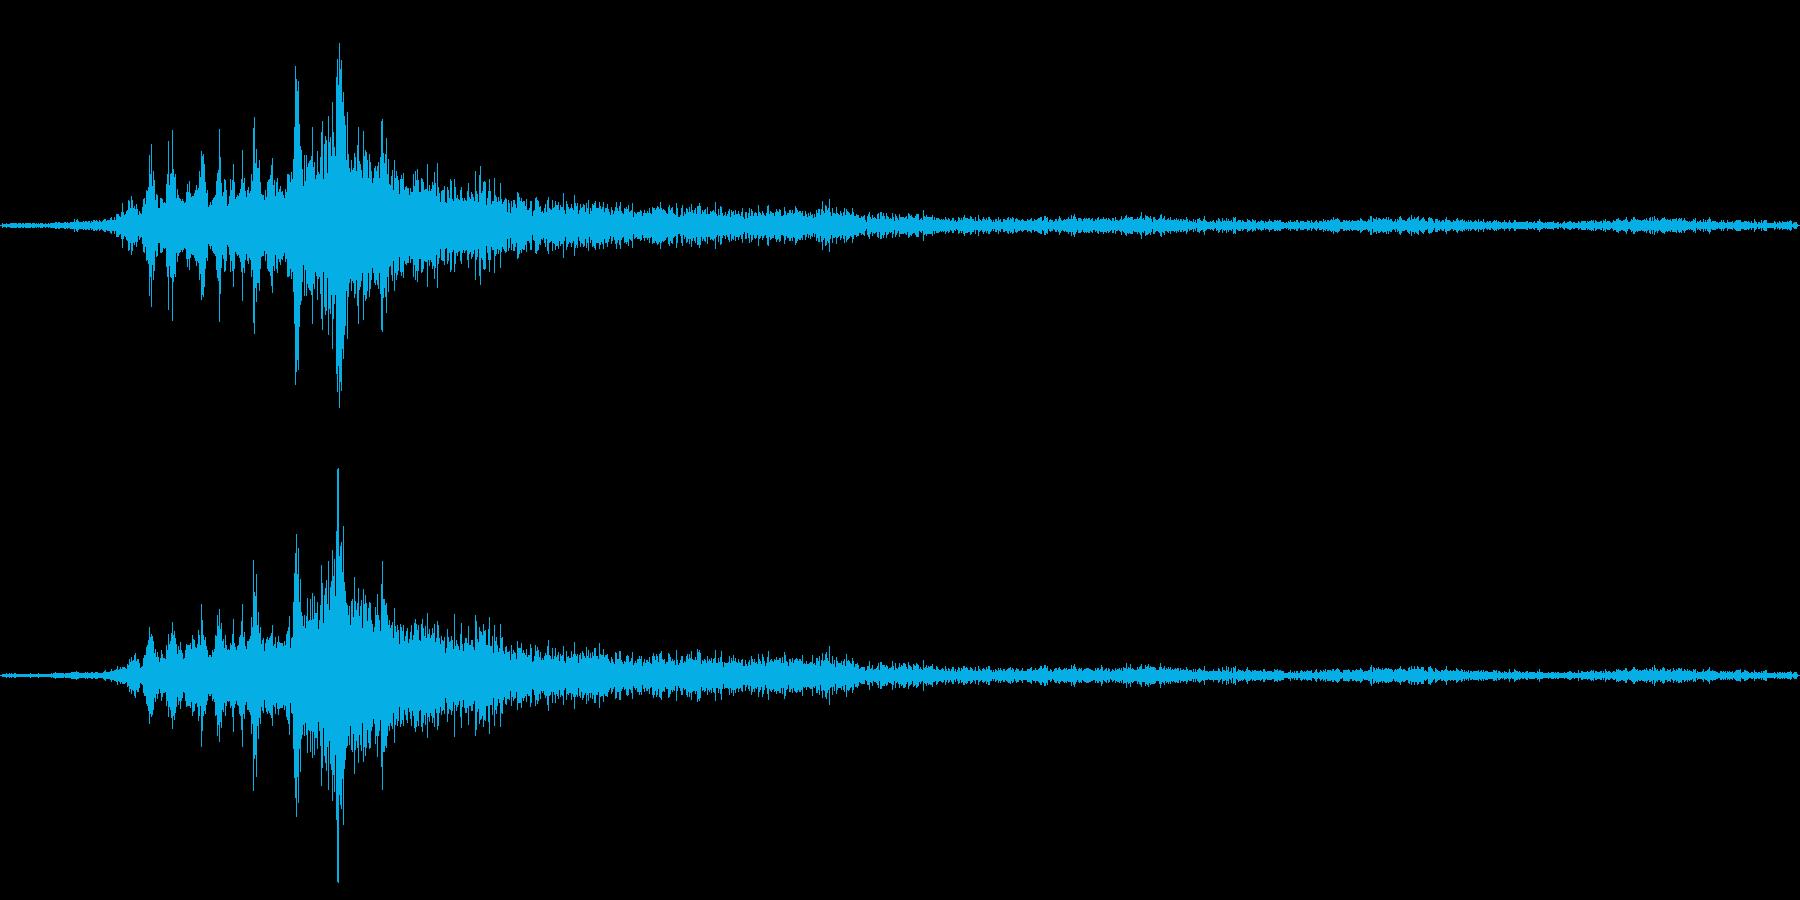 バイノーラル録音戦闘機7の再生済みの波形